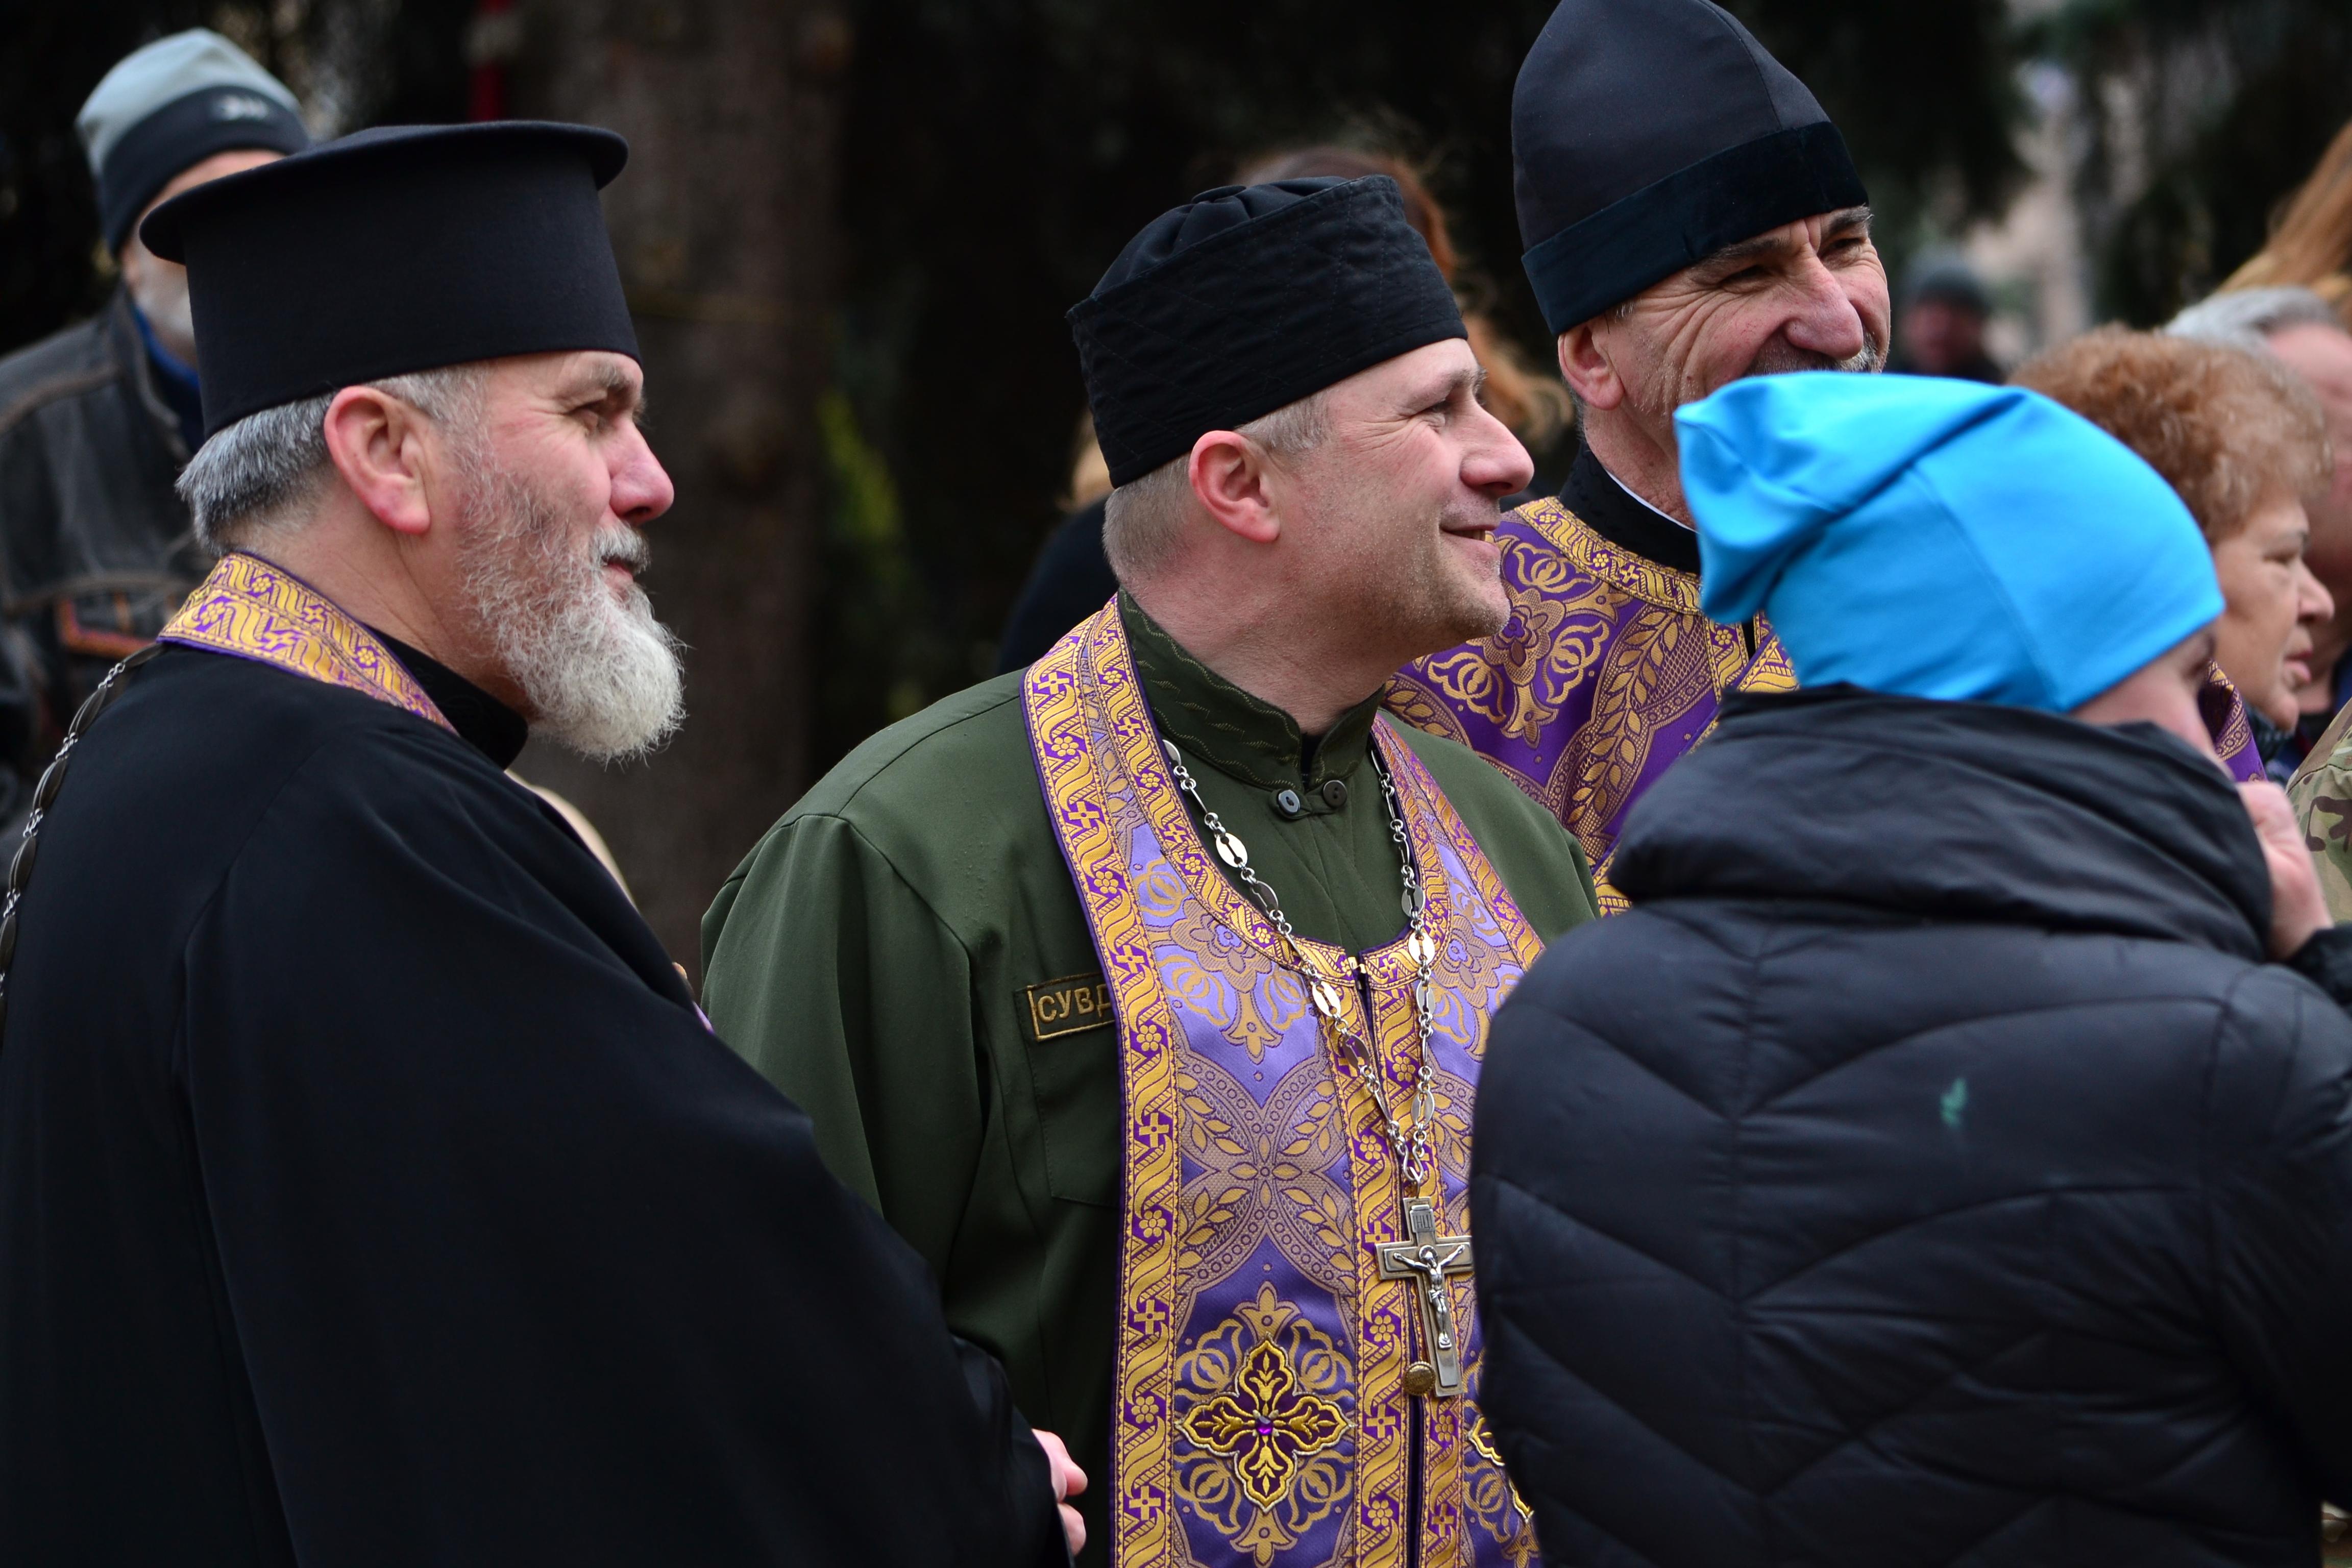 DSC 0822 1 - Ці воїни наповнюють наші серця: в Житомирі відзначили День українського добровольця (ФОТО)